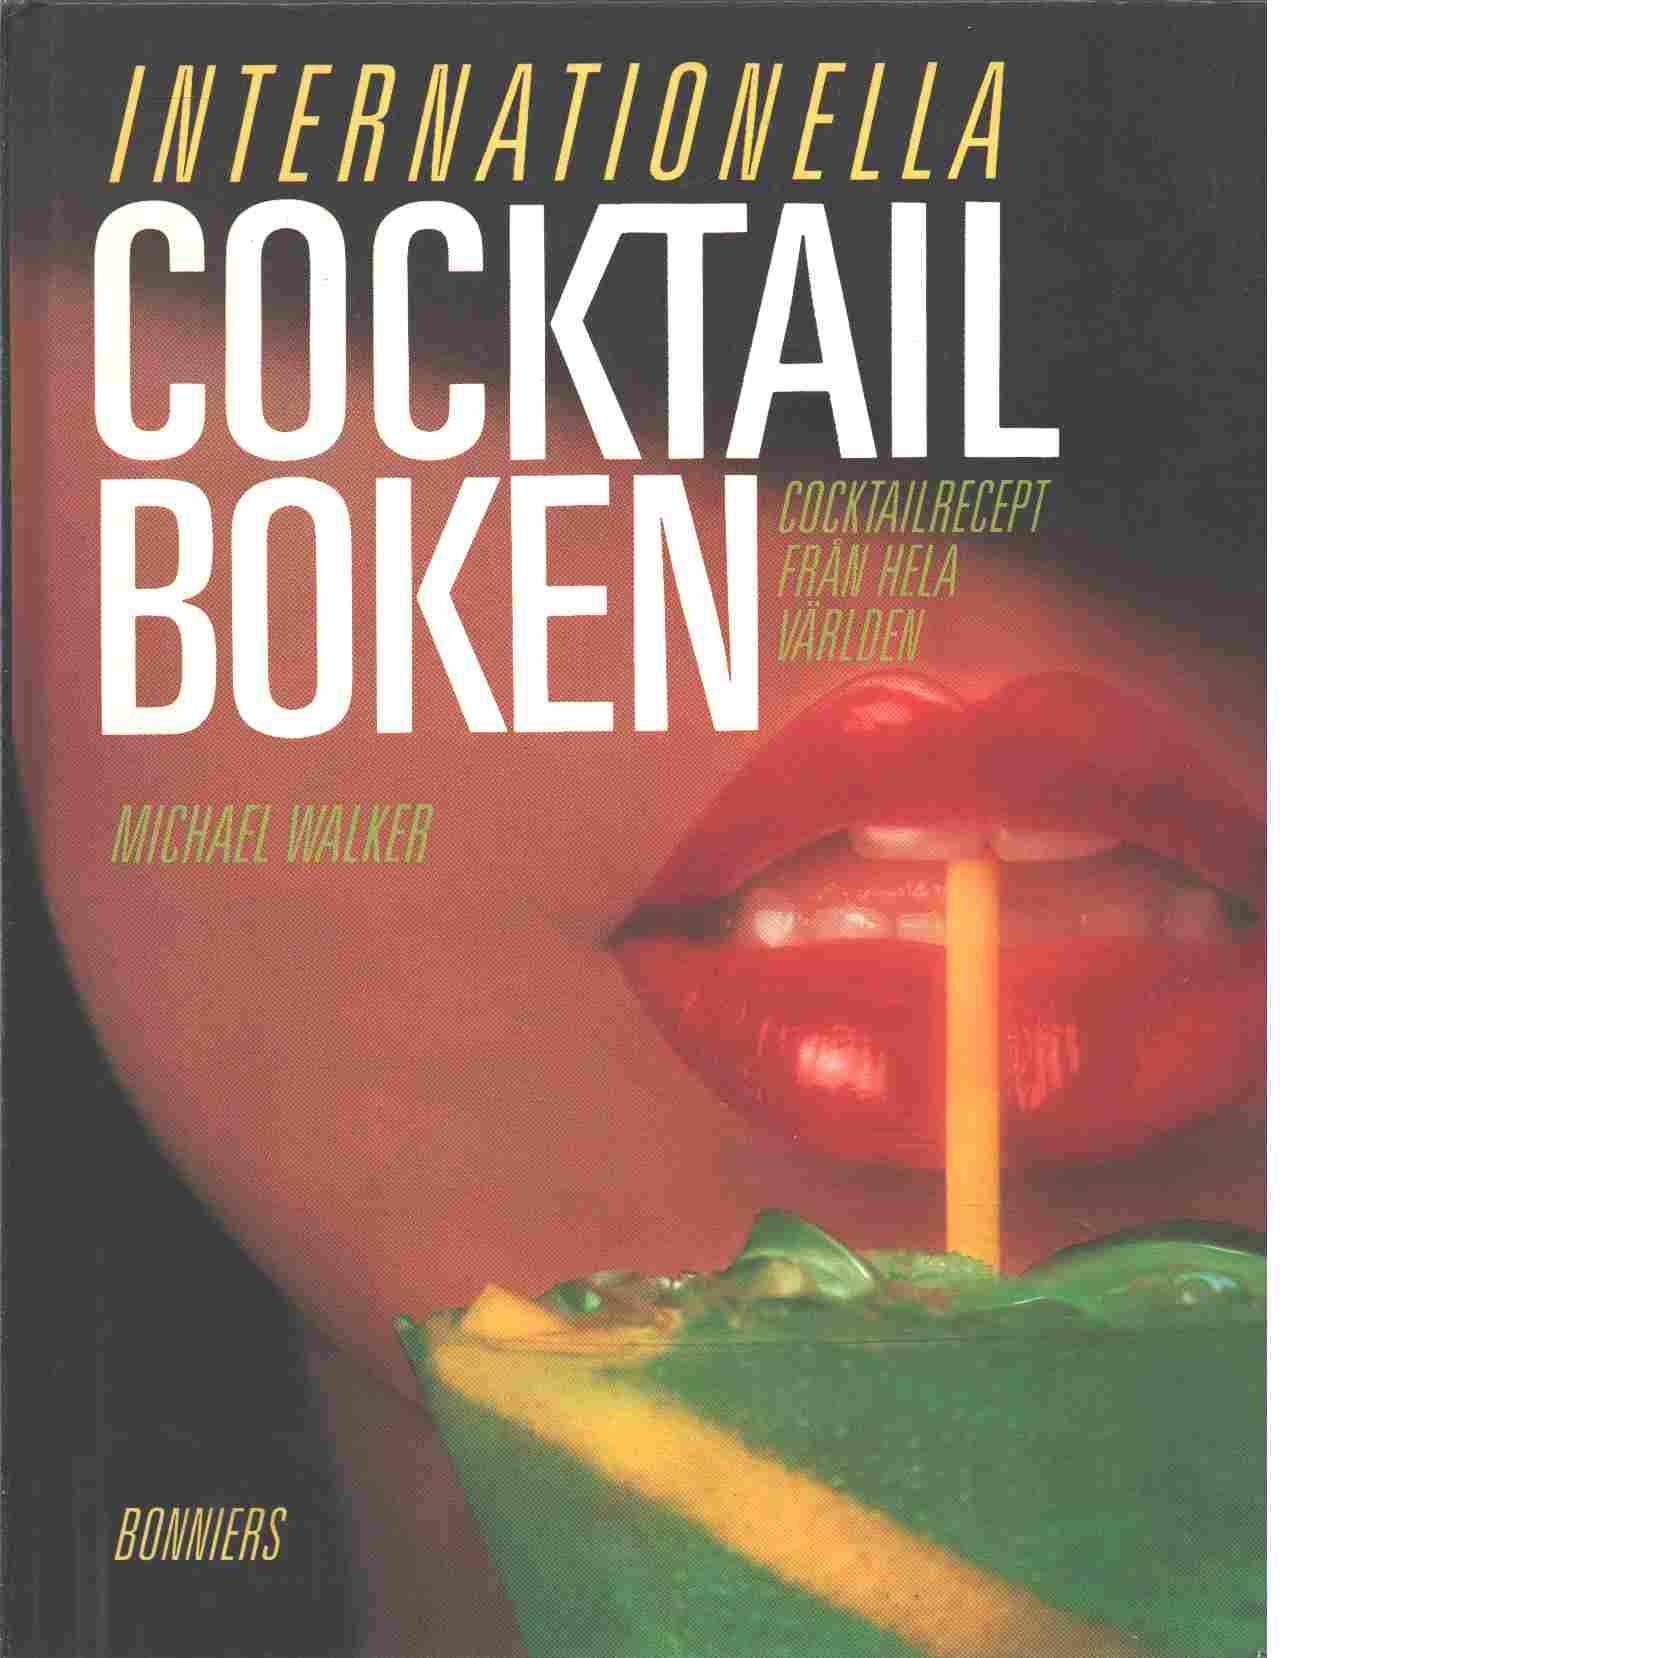 Stora cocktailboken : allt amatörbartendern behöver veta - Walker, Michael